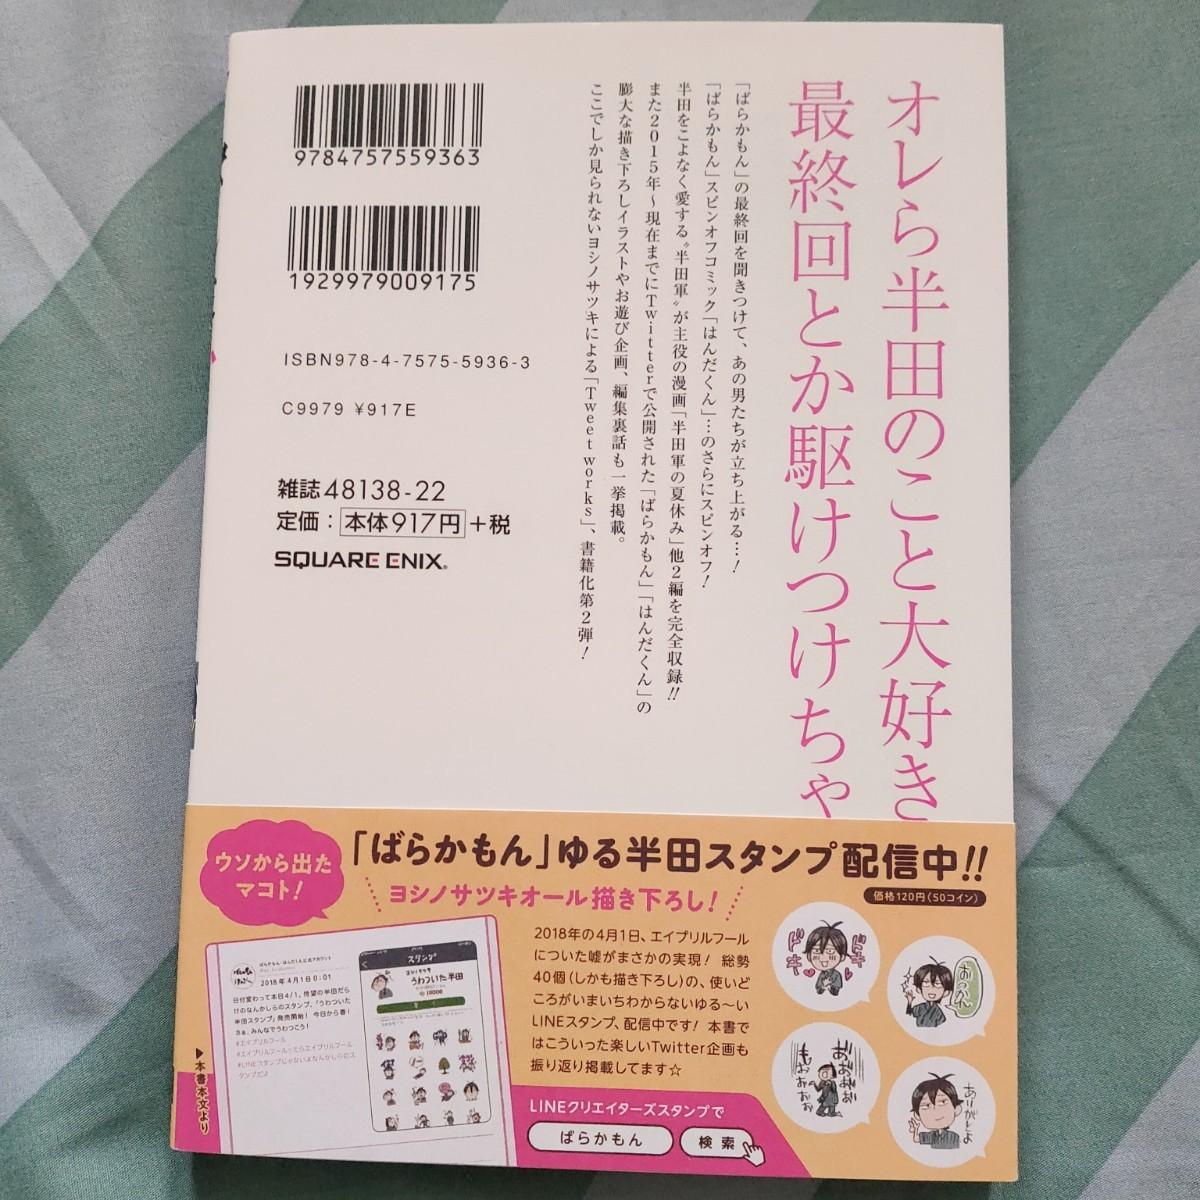 【初版・帯付き】はんだぐん ばらかもん・はんだくん公式Tweet Book2